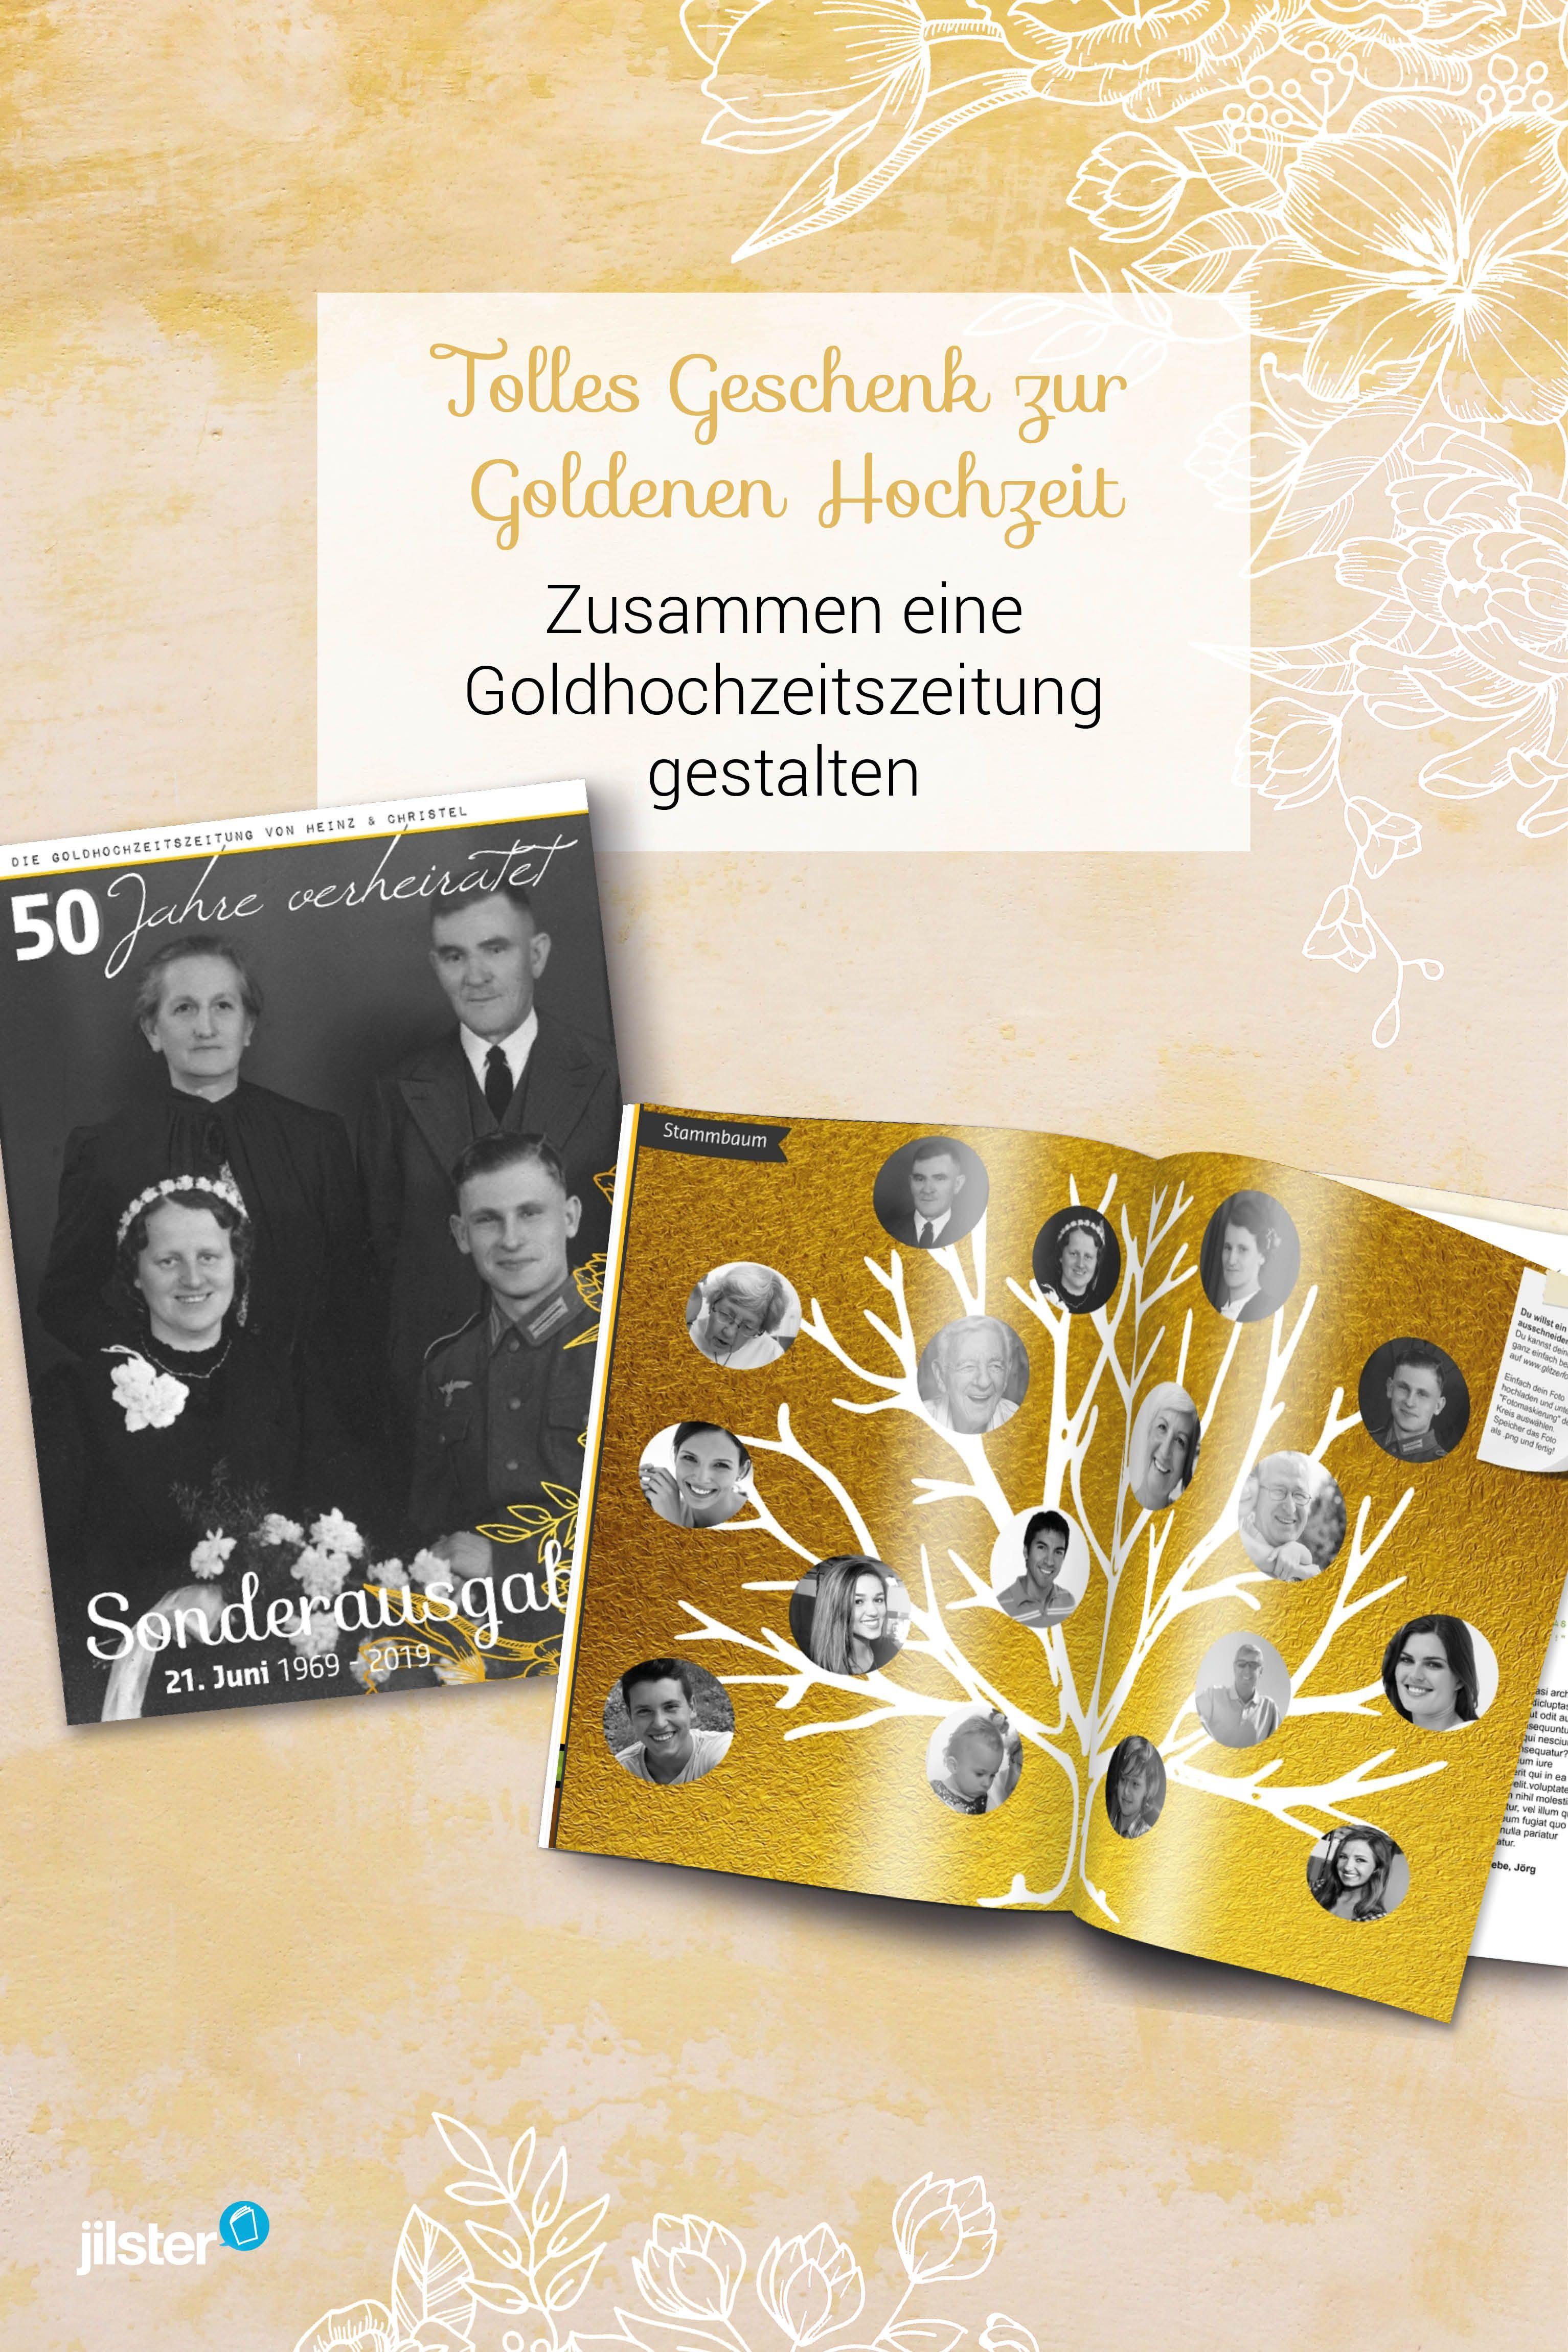 Tolles Geschenk Zur Goldenen Hochzeit Mit Jilster Eine Zeitung Gestalten Geschenke Zur Goldenen Hochzeit Goldene Hochzeit Hochzeit